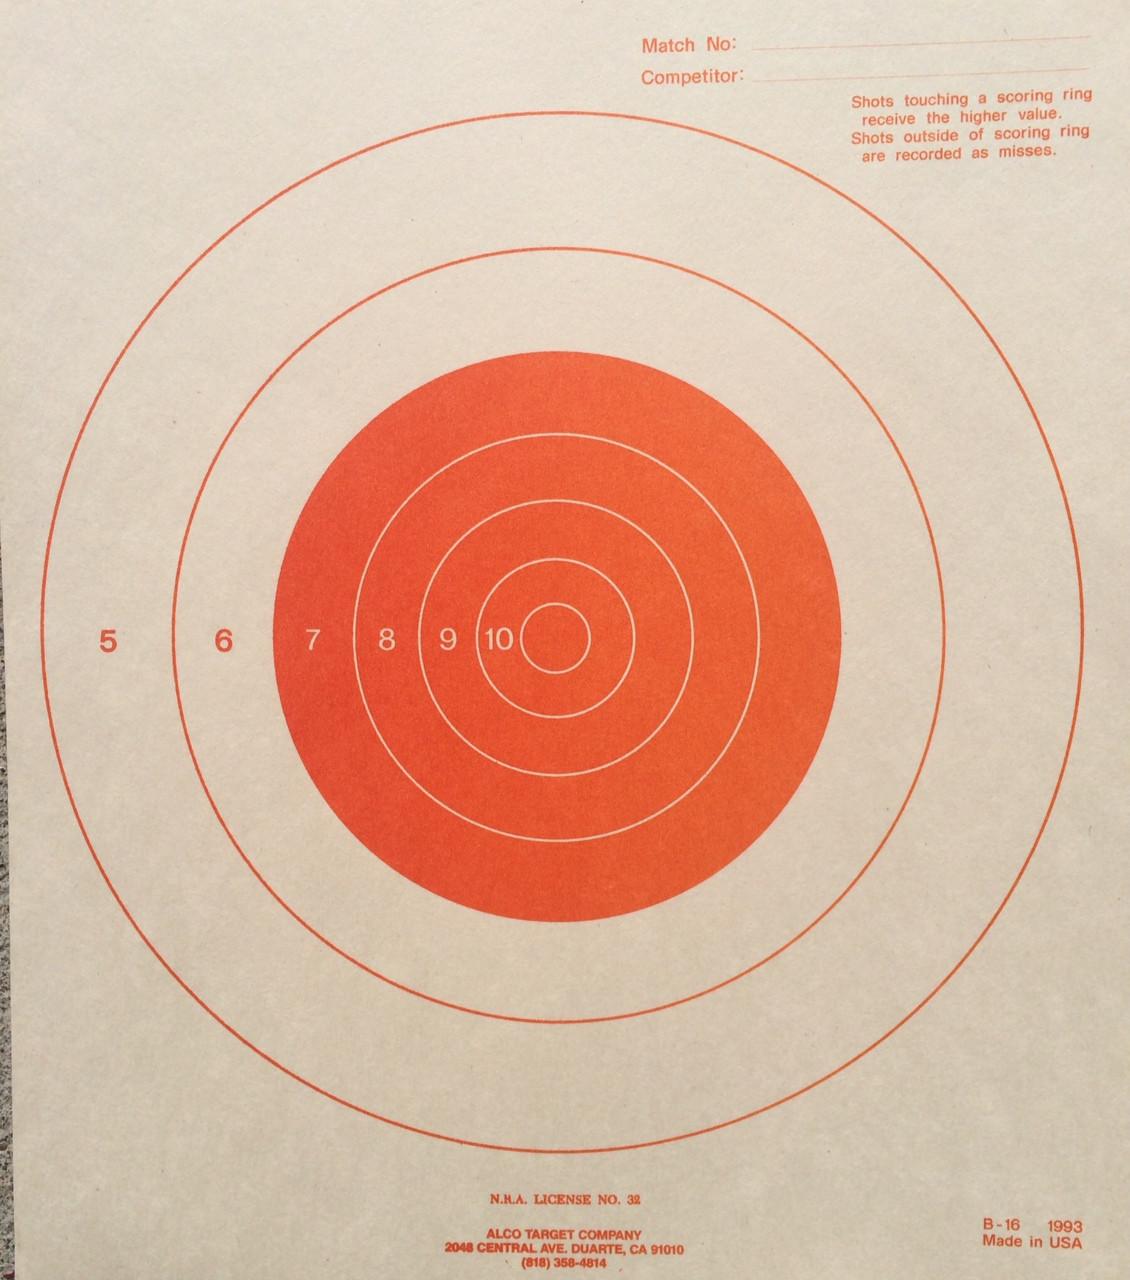 B-16O Orange Shooting Target